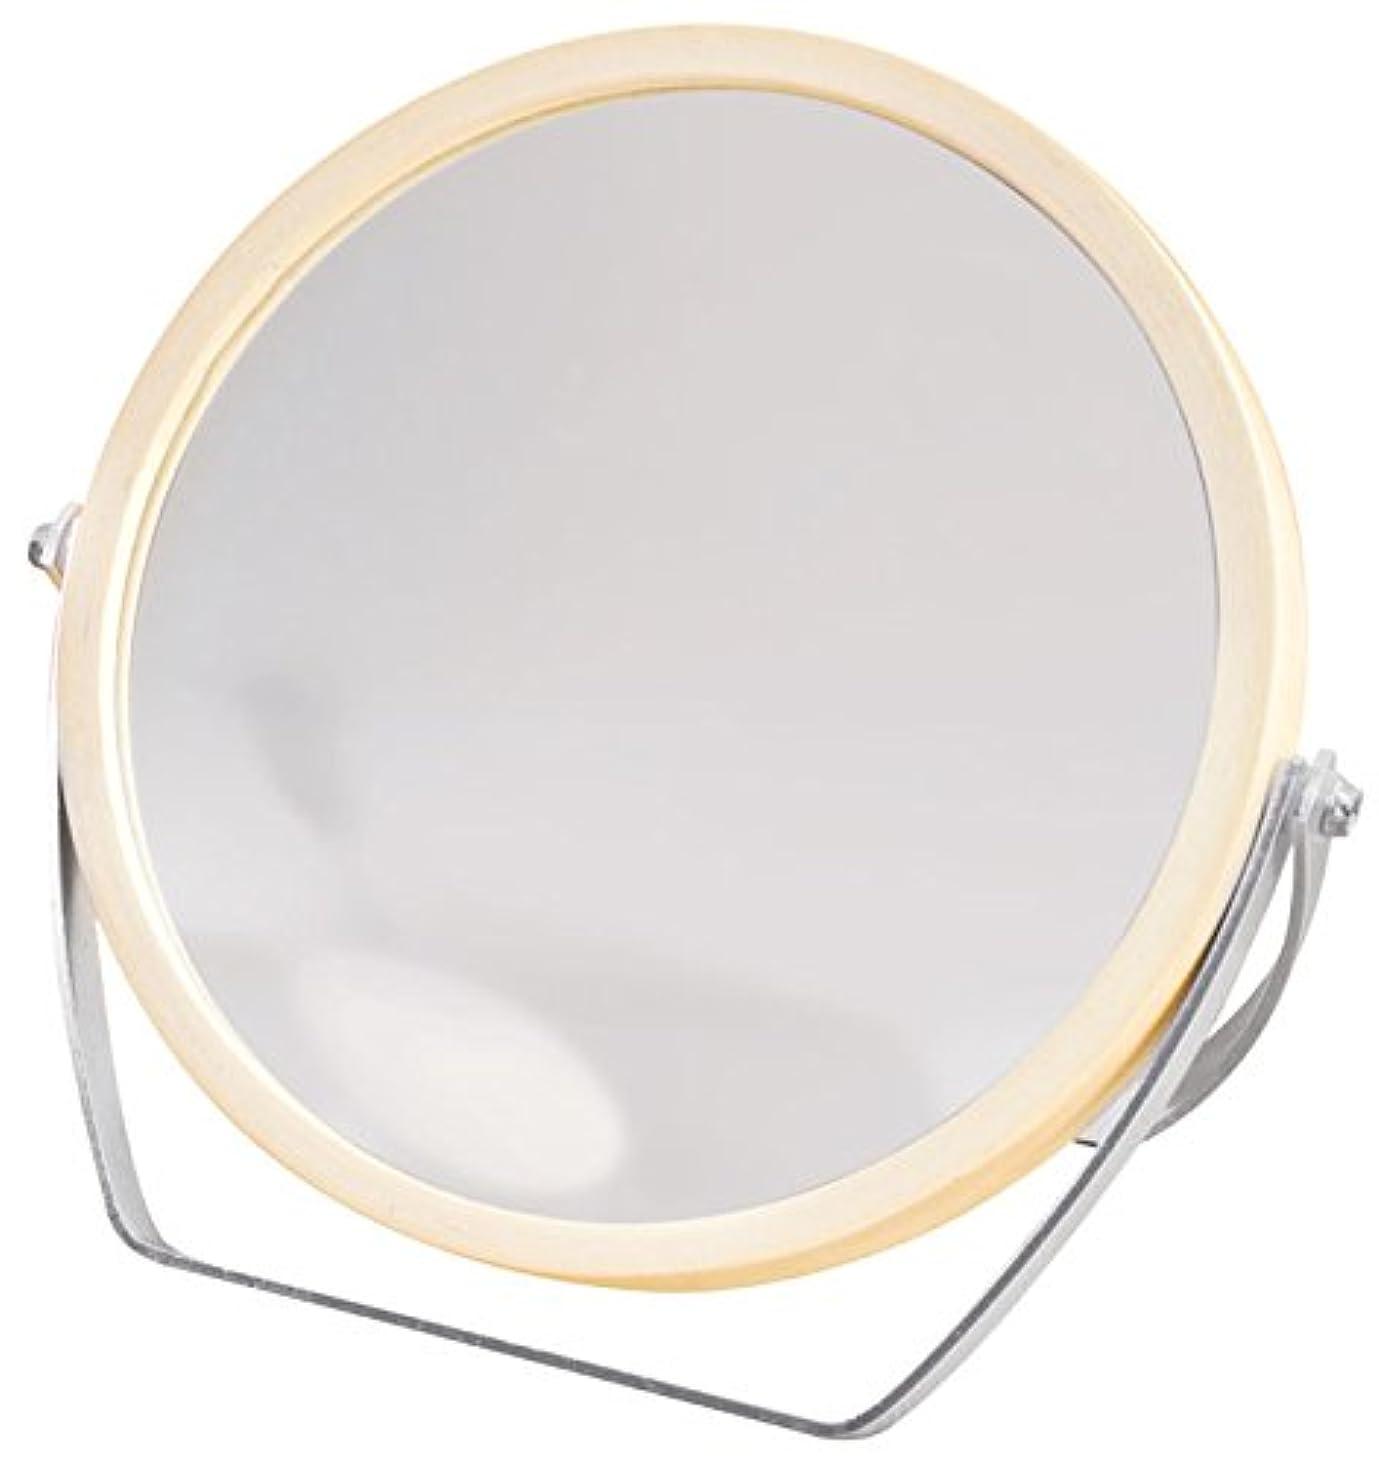 眠いですチップ試みウッドフレーム 2WAY 5倍拡大鏡付 両面 卓上ミラー (ロースタンドタイプ) ナチュラル YWM-1